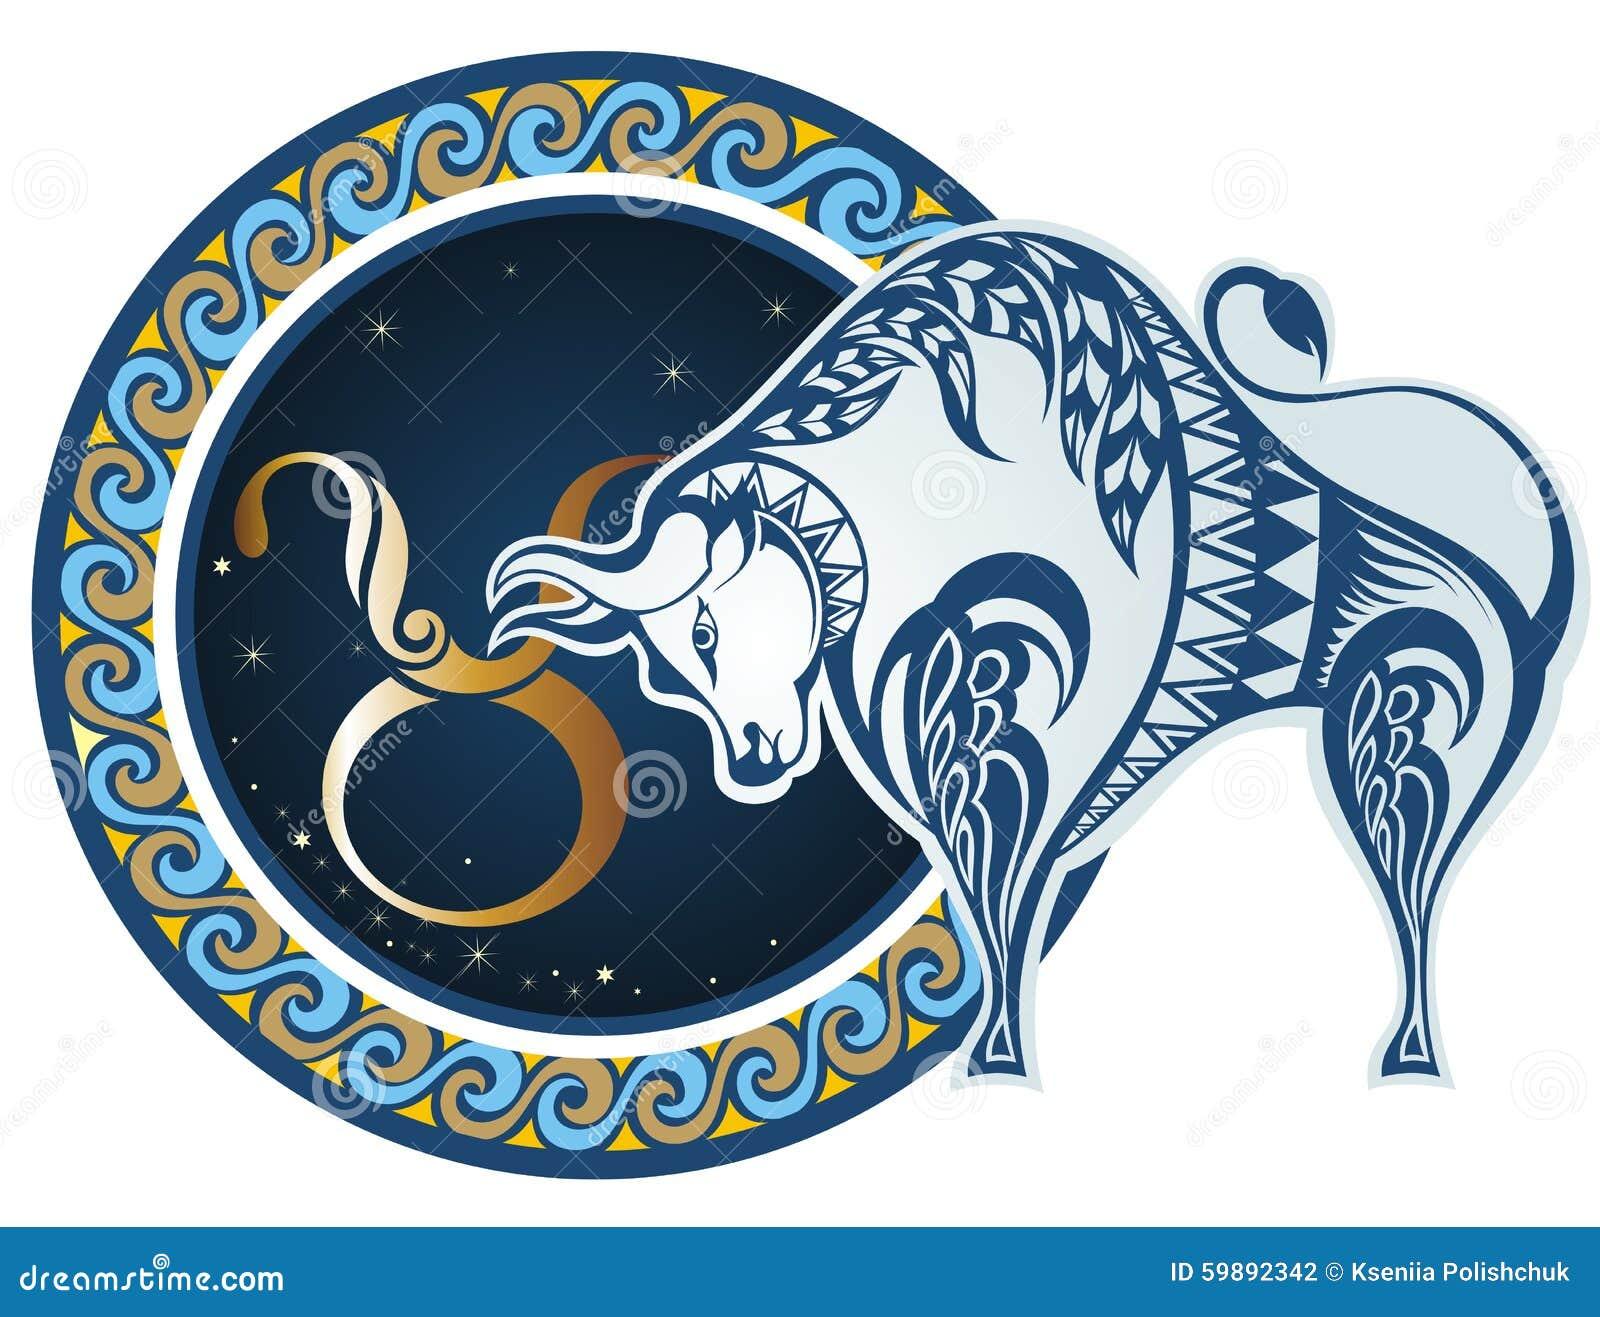 signes de zodiaque taureau illustration de vecteur image 59892342. Black Bedroom Furniture Sets. Home Design Ideas